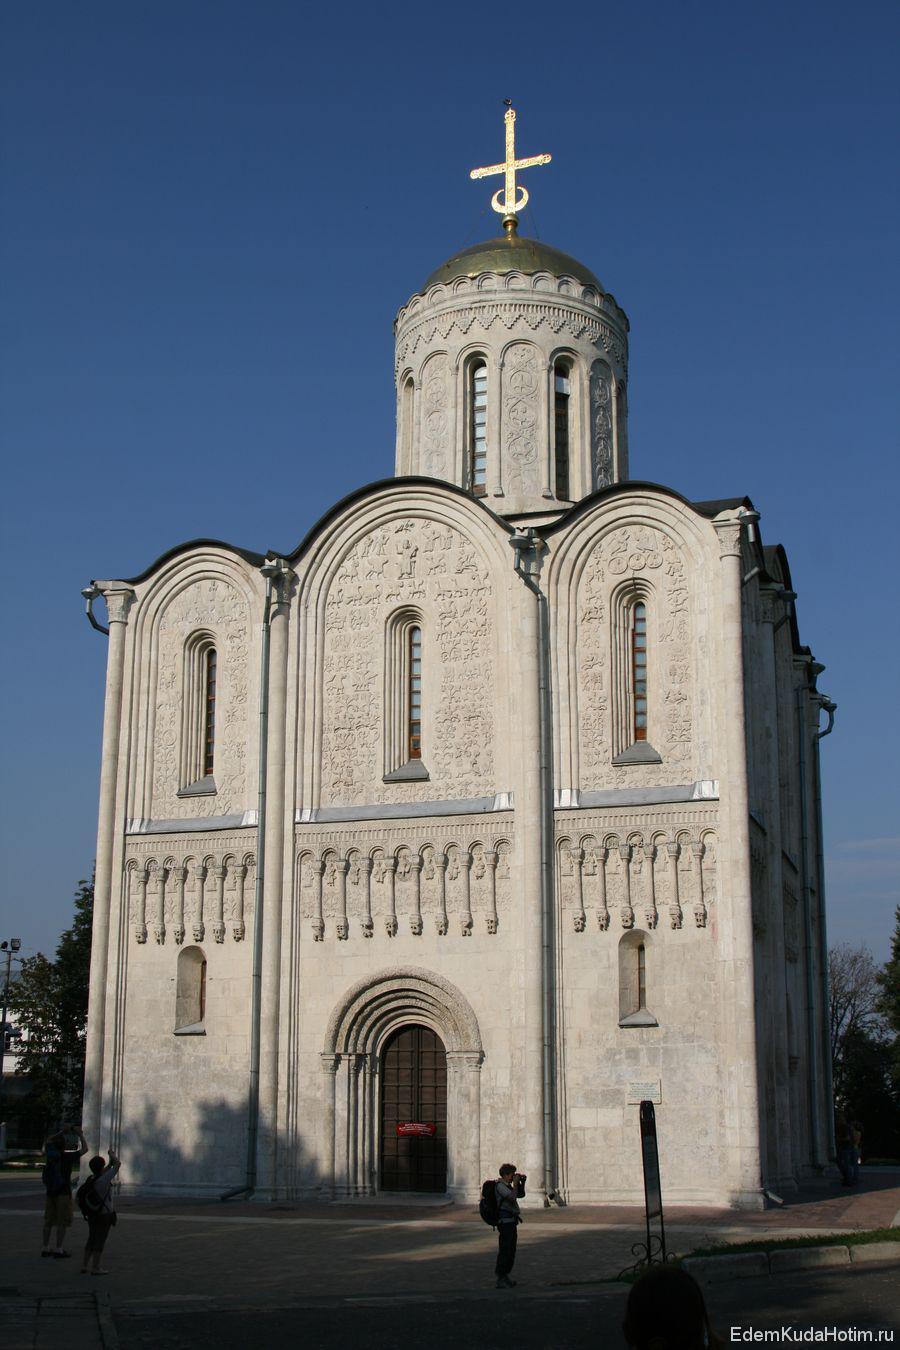 Дмитриевский собор - один из немногих соборов, имеющих всего один купол